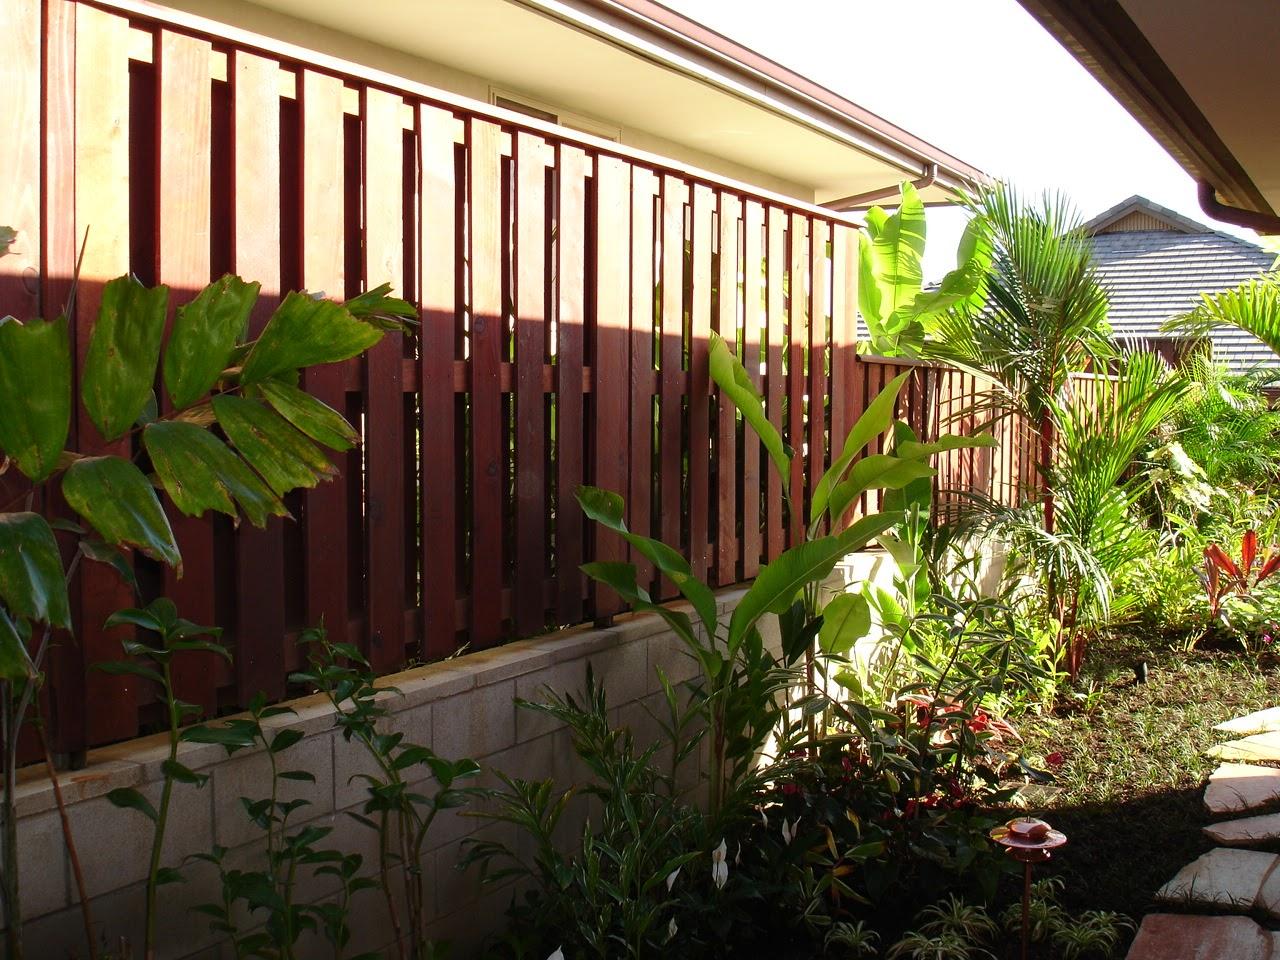 Wood Slat Fence